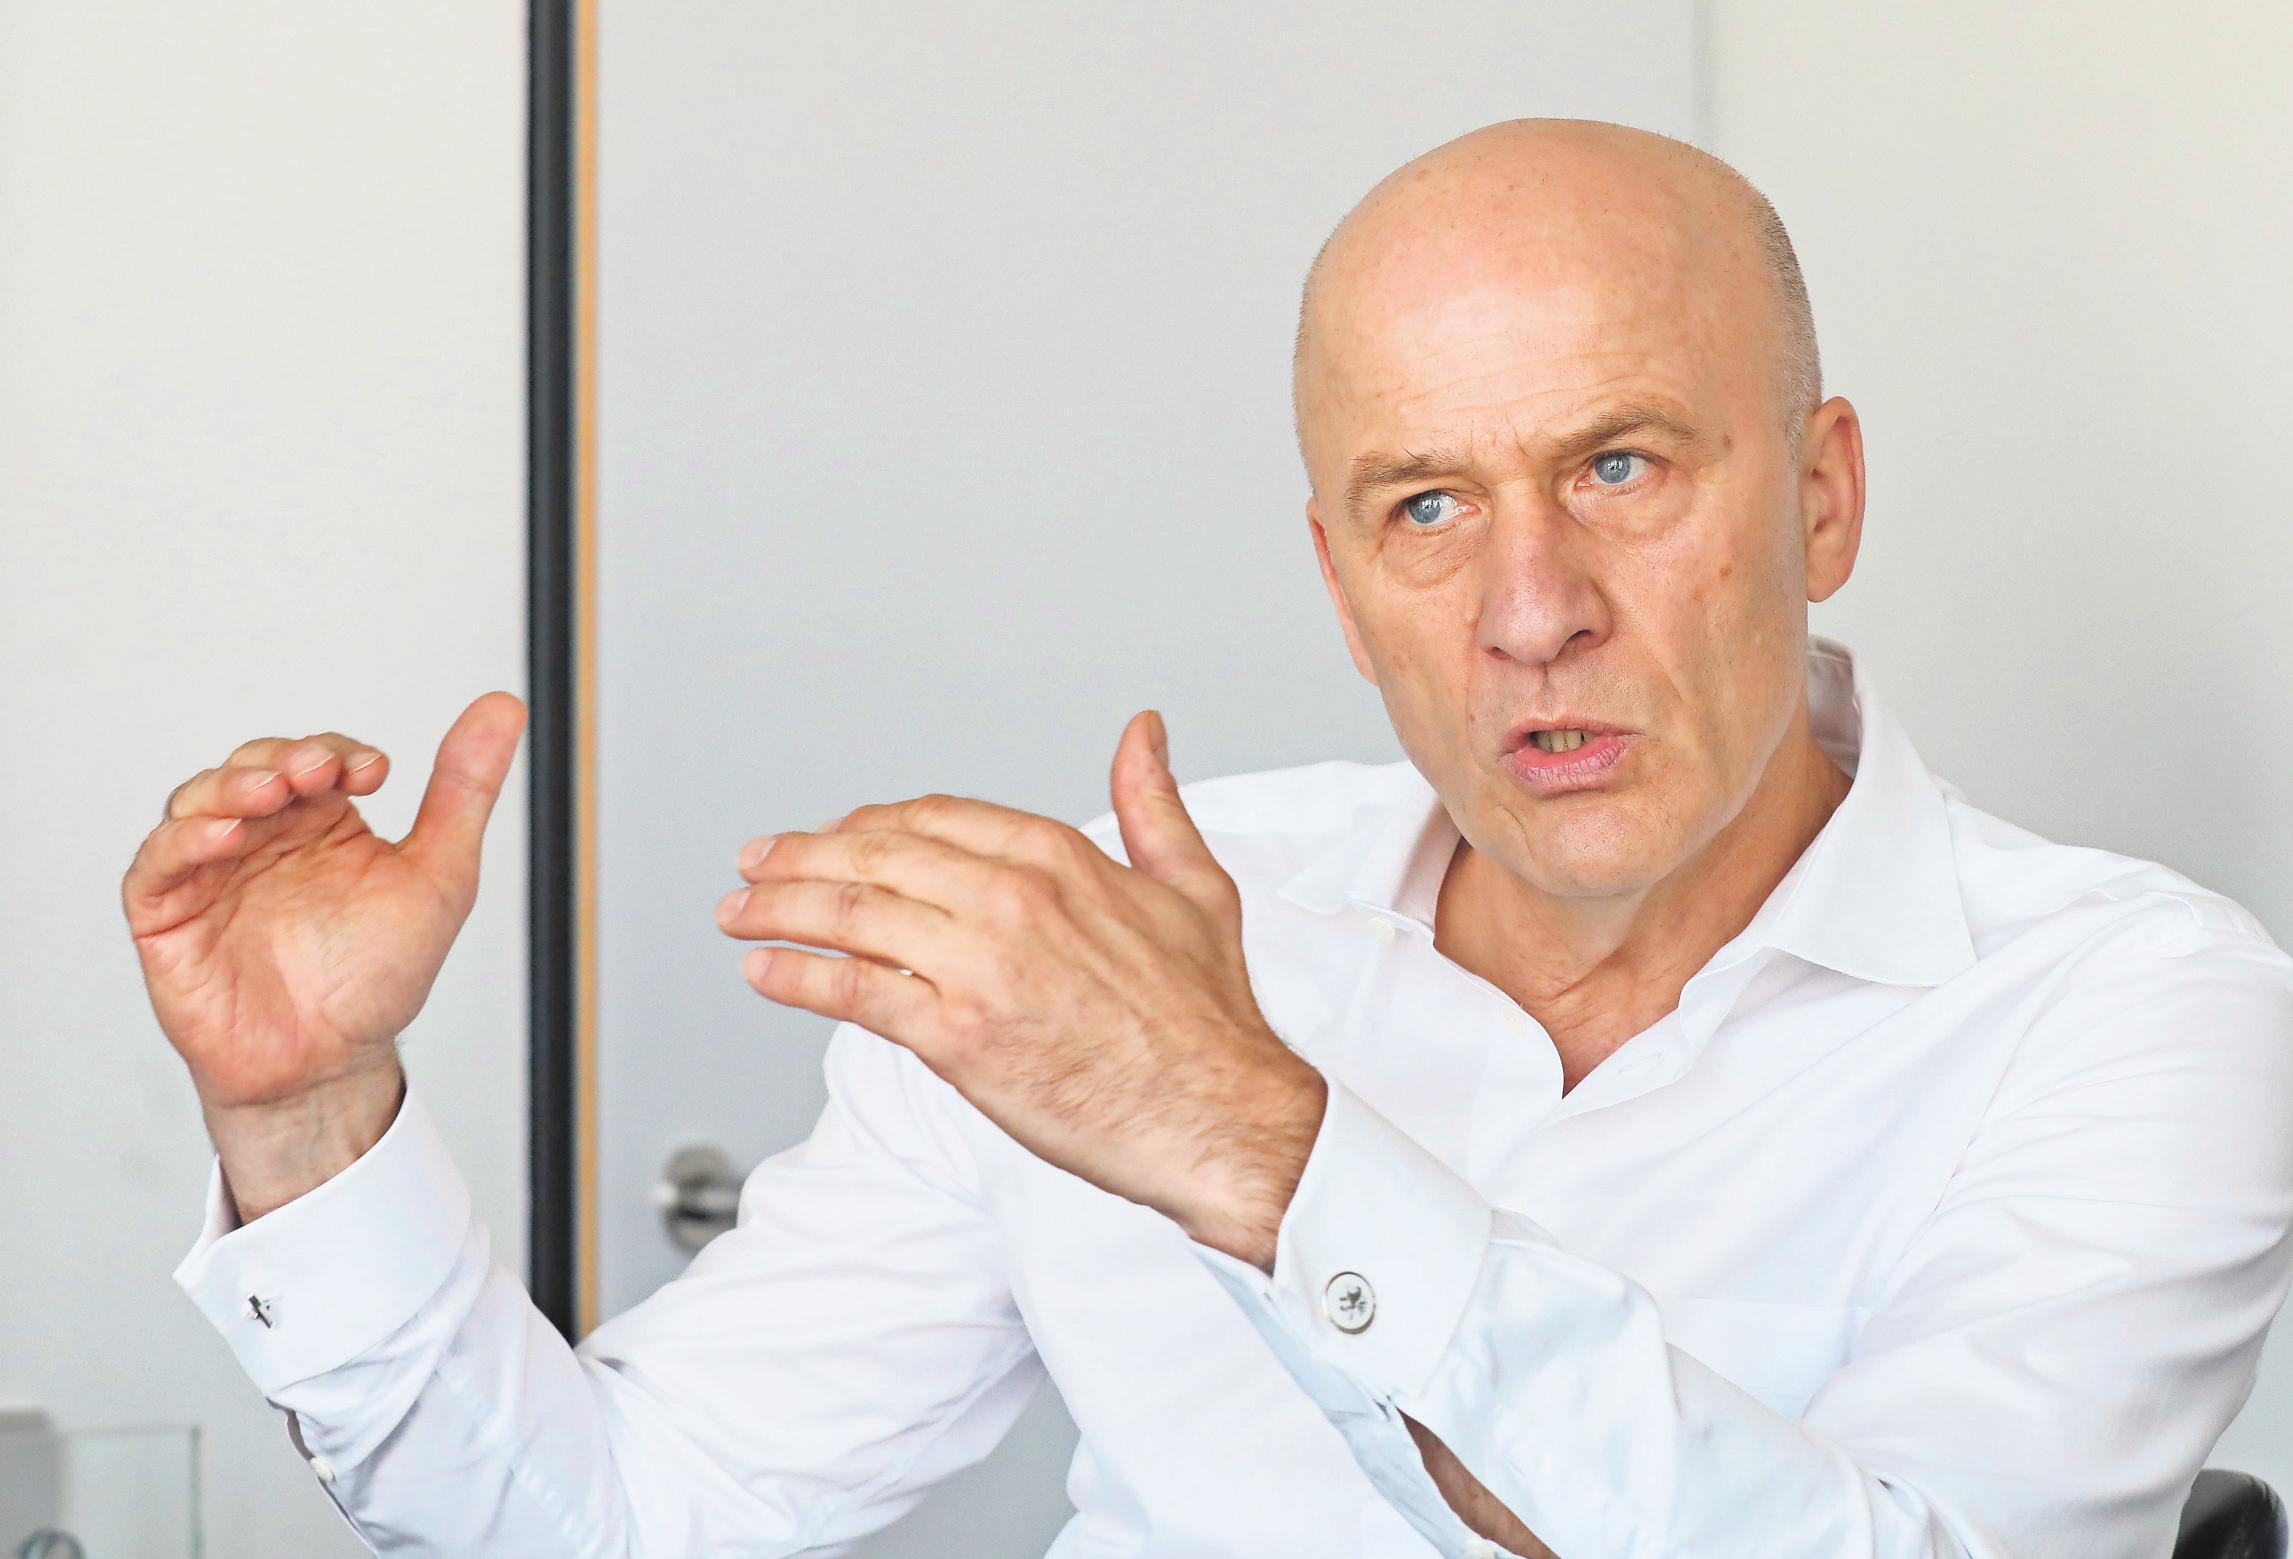 Der Chef: Seit April 2018 ist VW-Finanzvorstand Frank Witter Aufsichtsratsvorsitzender der VfL-Wolfsburg-Fußball-GmbH und damit quasi oberster VfLer. Als Fußballer war er von 1979 bis 1981 für den OSV Hannover in der 2. Liga Nord aktiv.